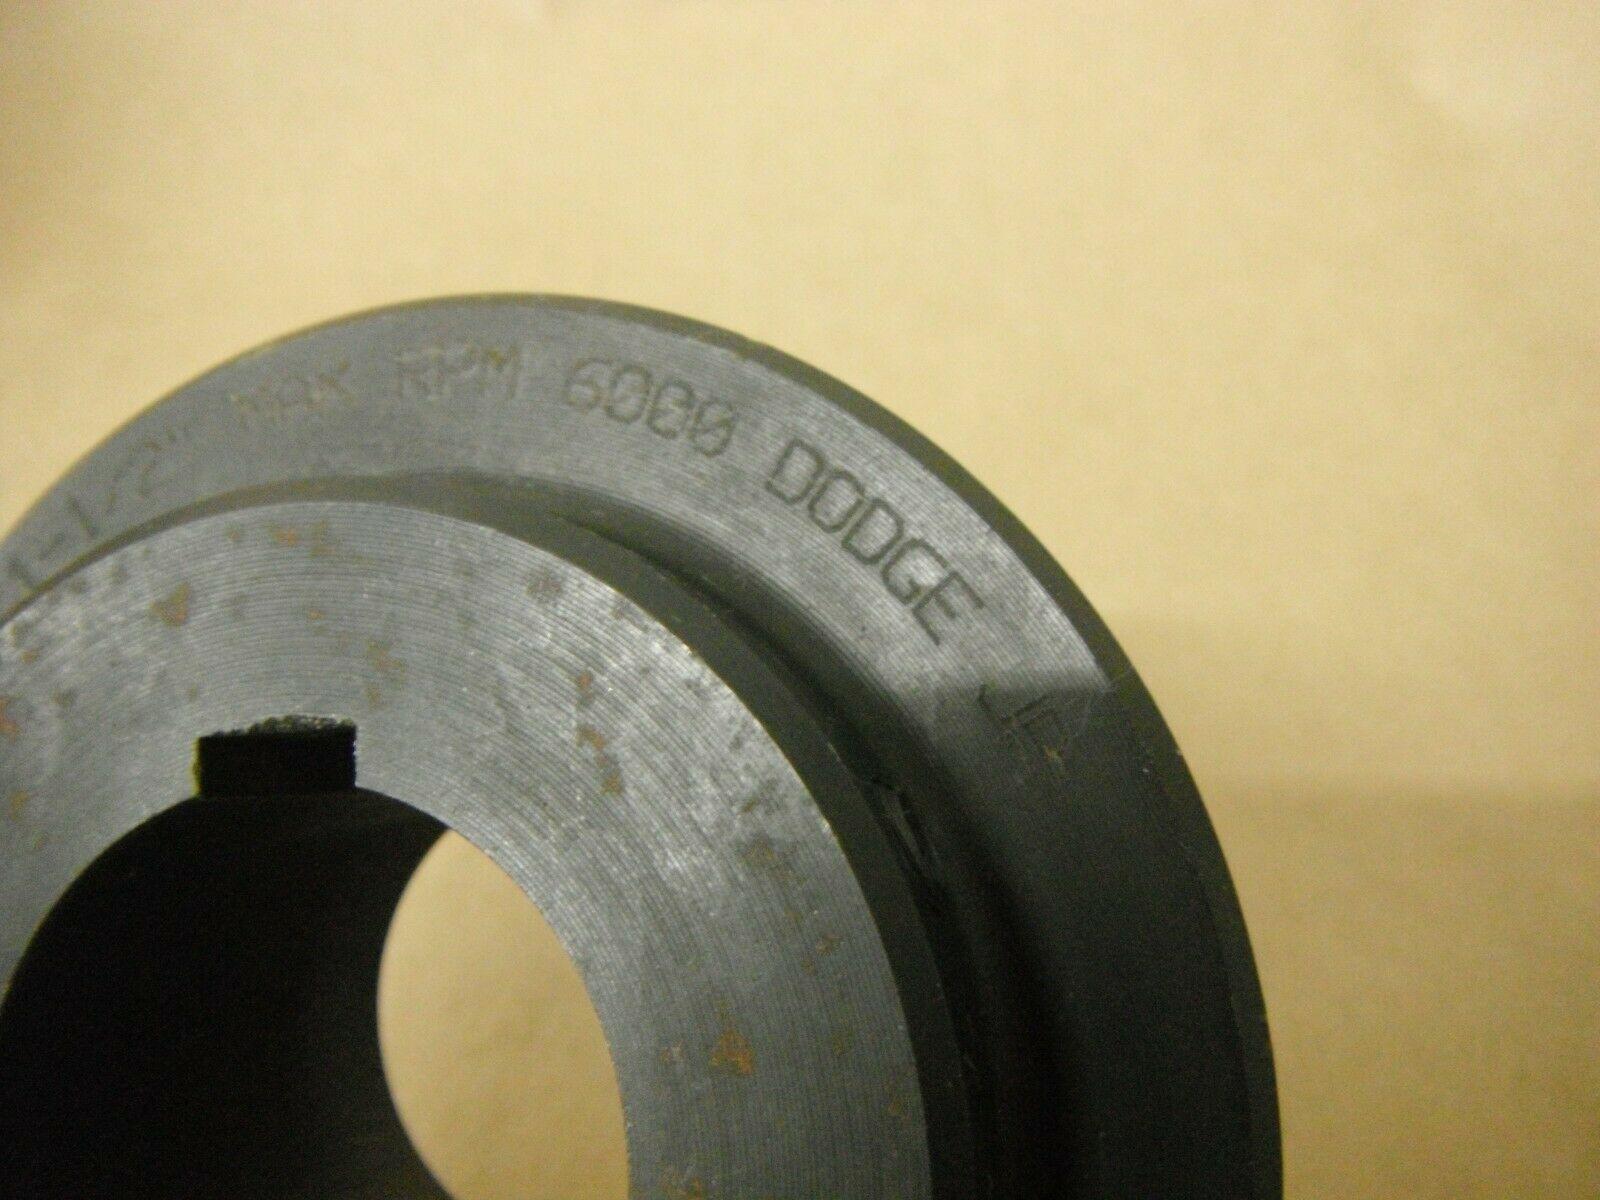 Bushing 175 in-LBS Screw 2-1//4 in Outside Diameter SINTERED Steel 3//8 X 1//8 in Keyway BALDOR DODGE 117086 1610 Series Finished Keyway 4300 in-LBS Torque 1.625 in BORE